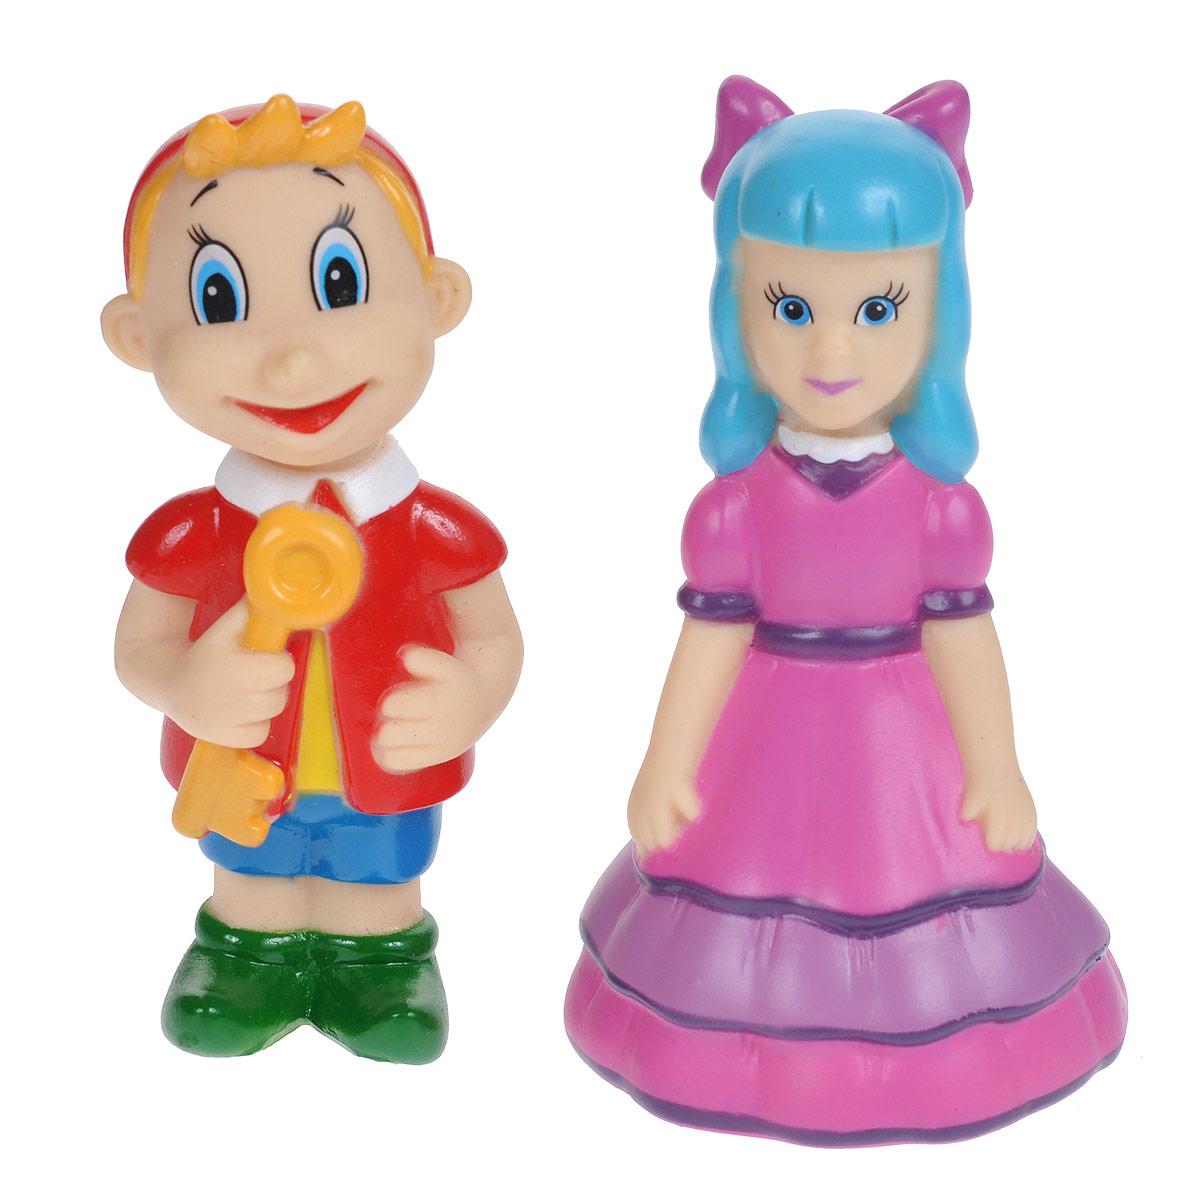 Набор игрушек для ванны Играем вместе Буратино и Мальвина, 2 шт игрушки для ванны играем вместе набор игрушек для ванны играем вместе